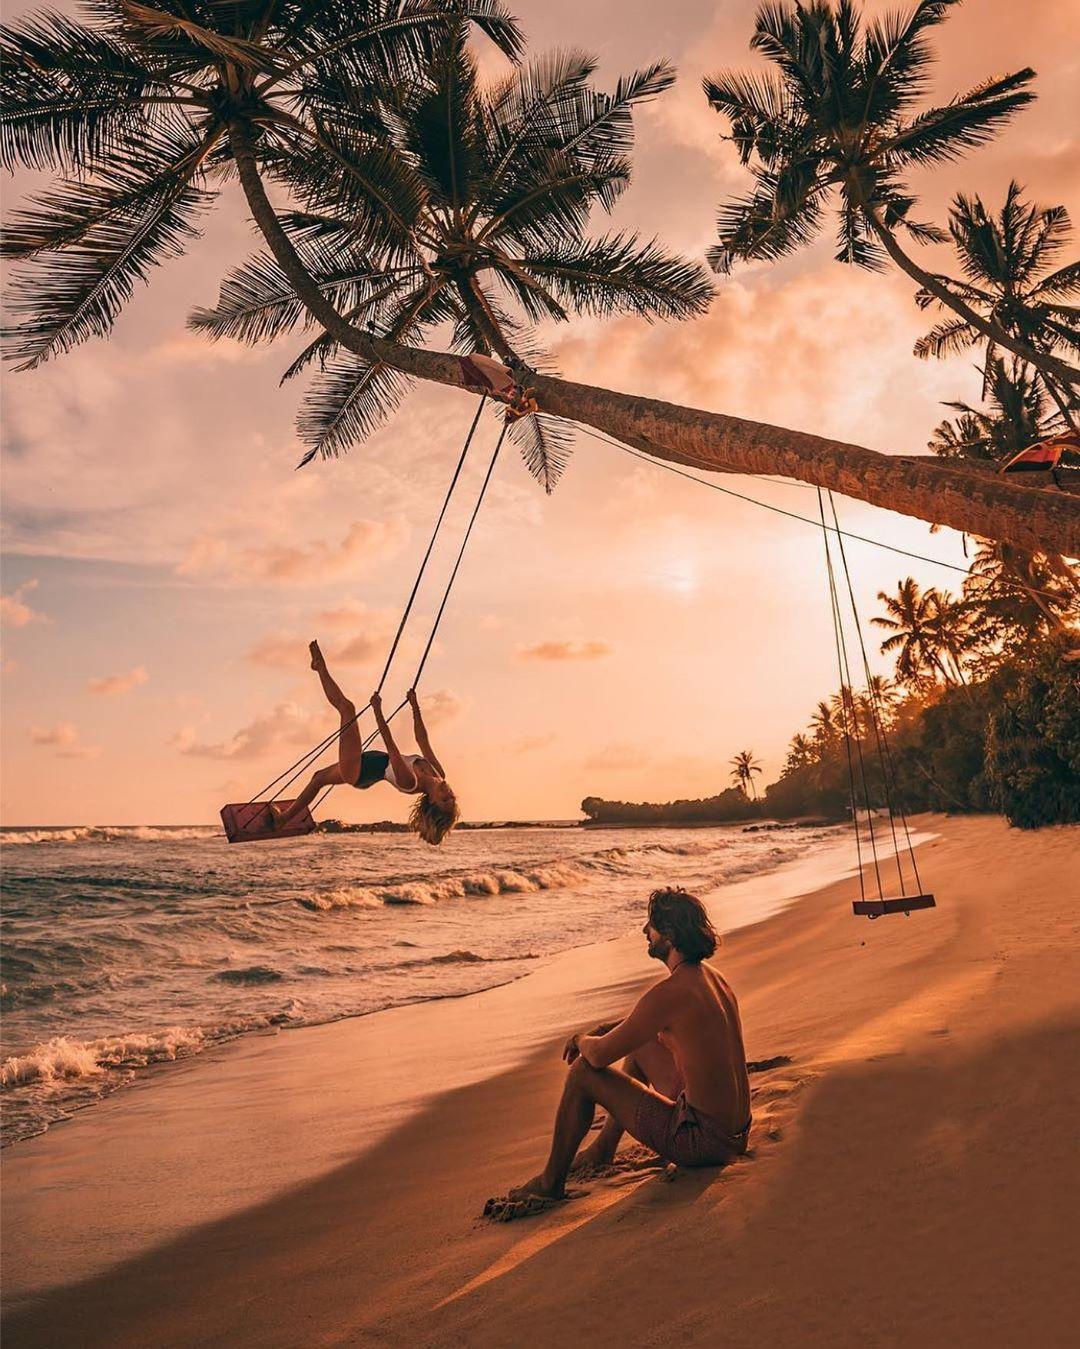 Інстаграм тижня: світлини на межі з реальністю в акаунті @travel